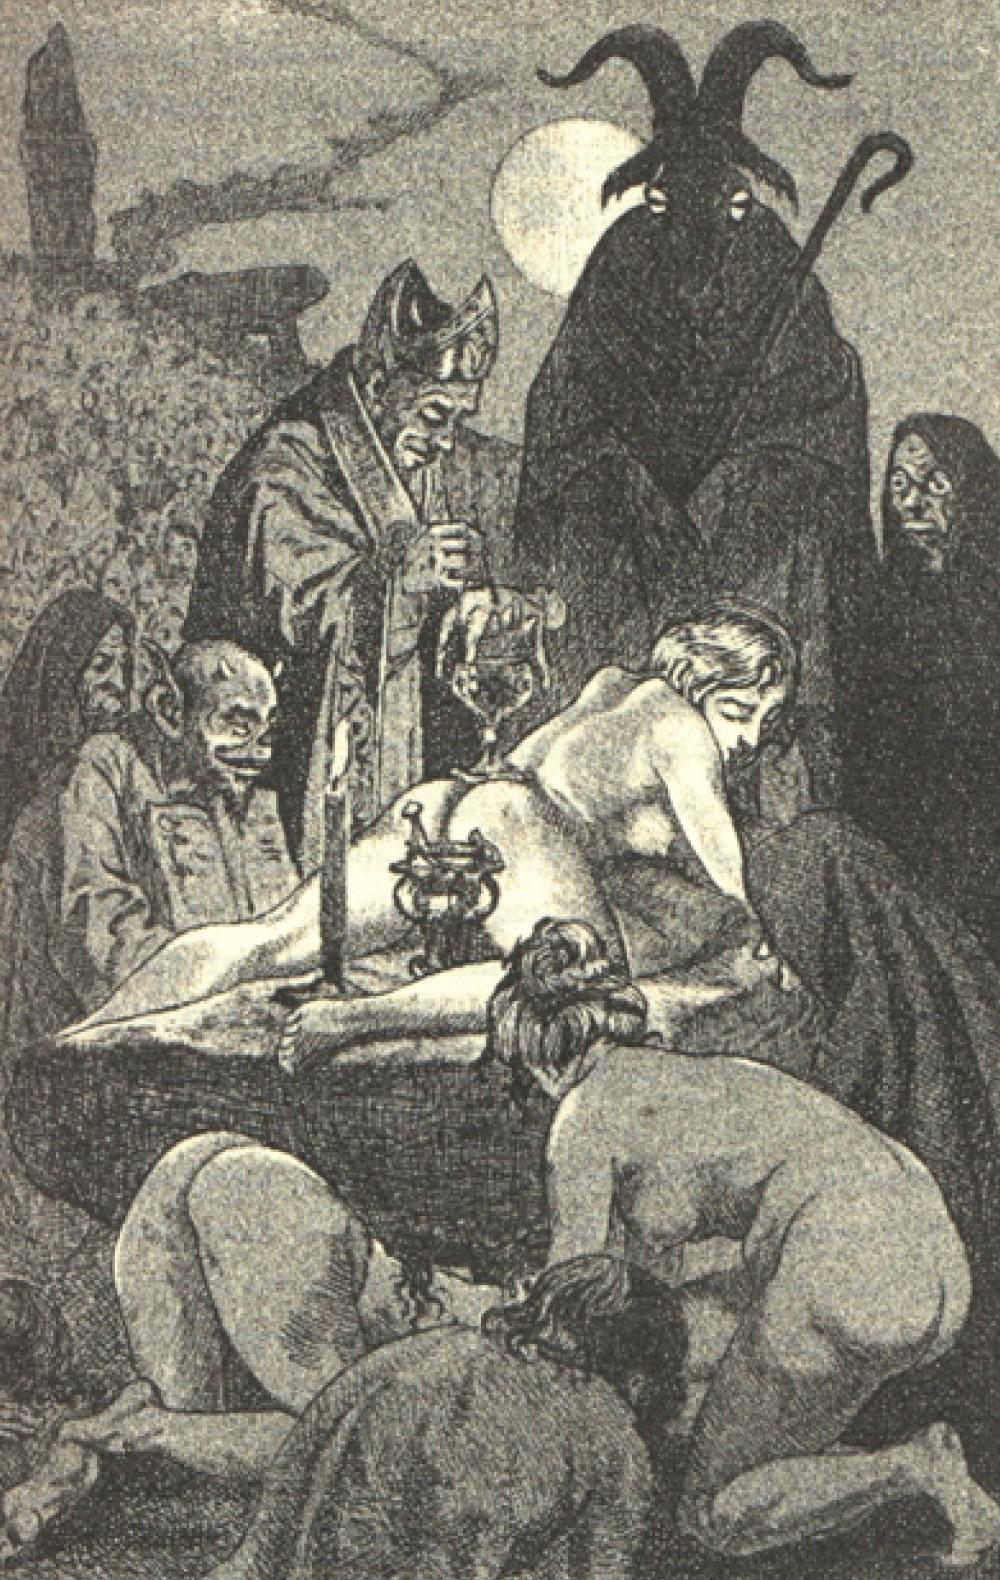 ritual sexual abuse